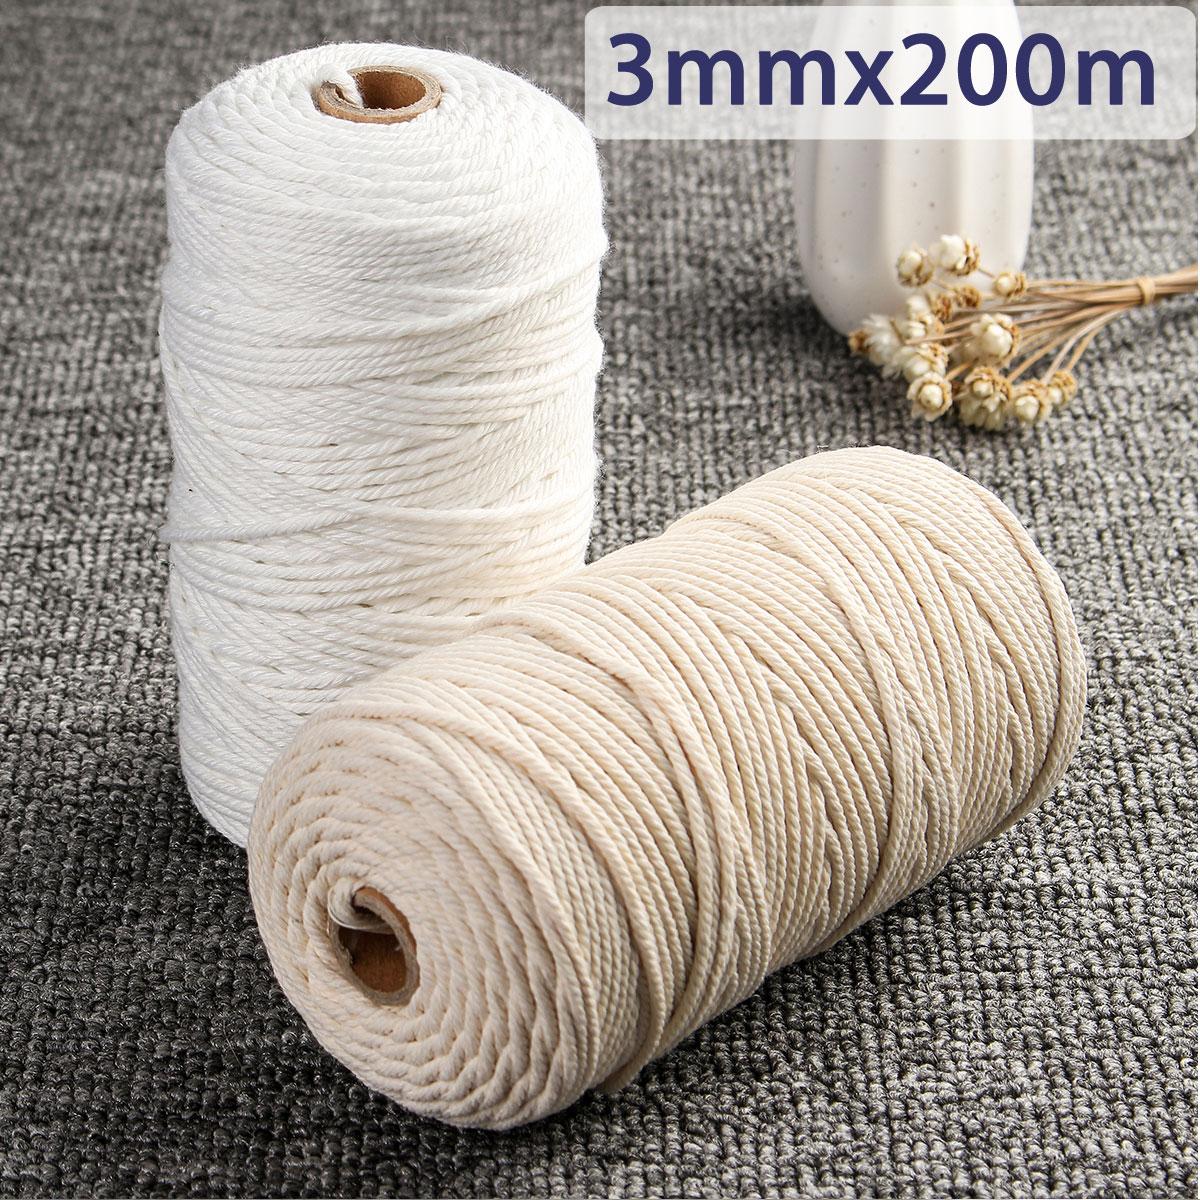 Quelle Ficelle Pour Macramé 3mmx200m macramé coton corde naturel beige bohème tissé fil